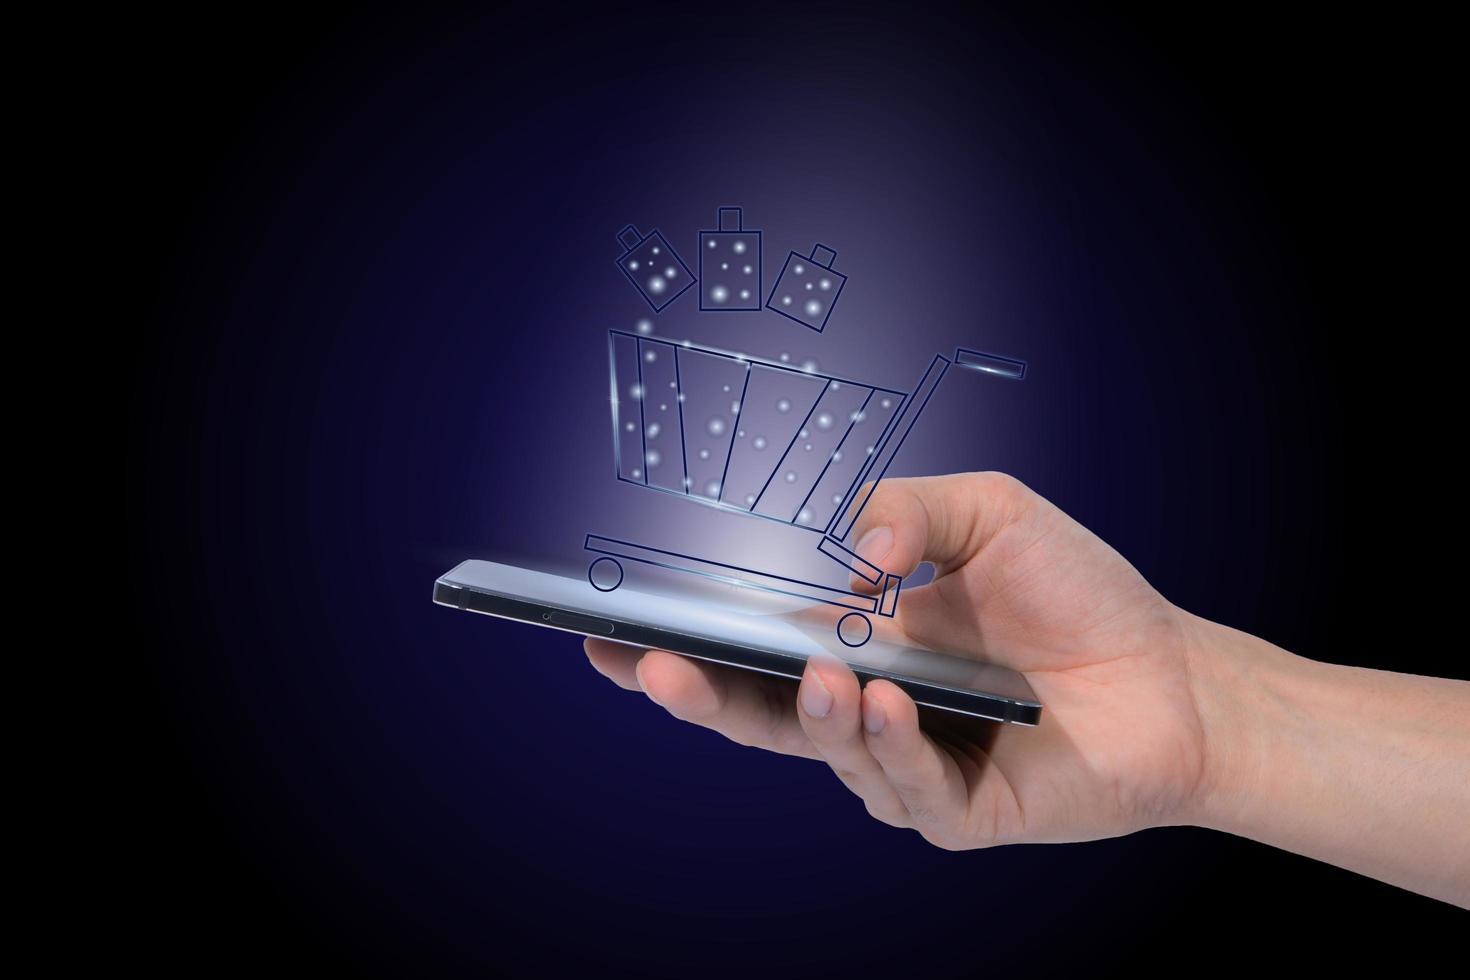 achats en ligne avec smartphone photo